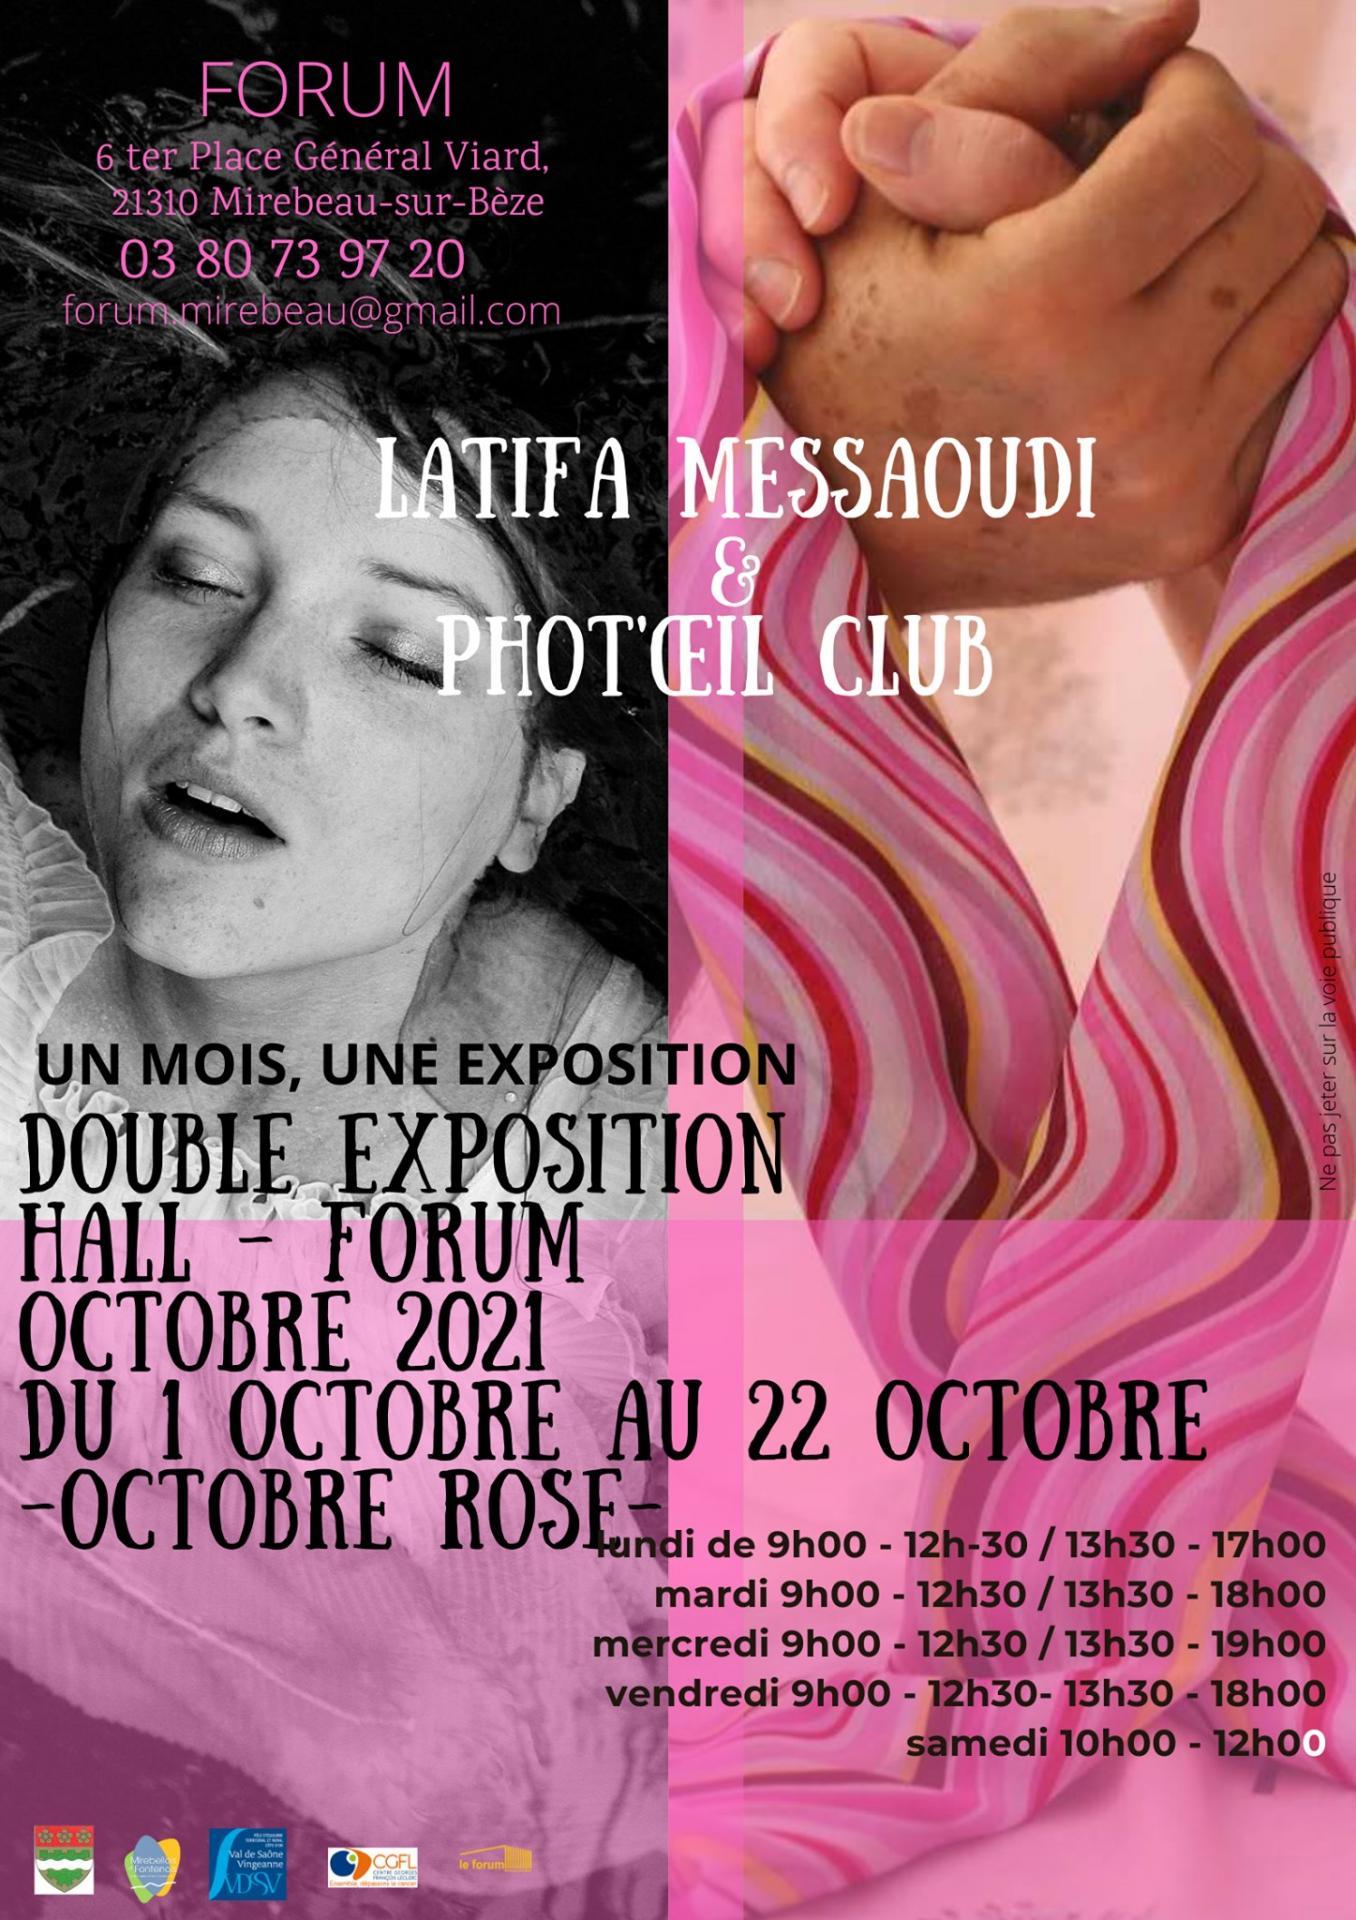 Affiche de l'exposition, deux mains serrées avec un ruban rose lâche et une femme en noir et blanc les yeux fermés dans de l'eau